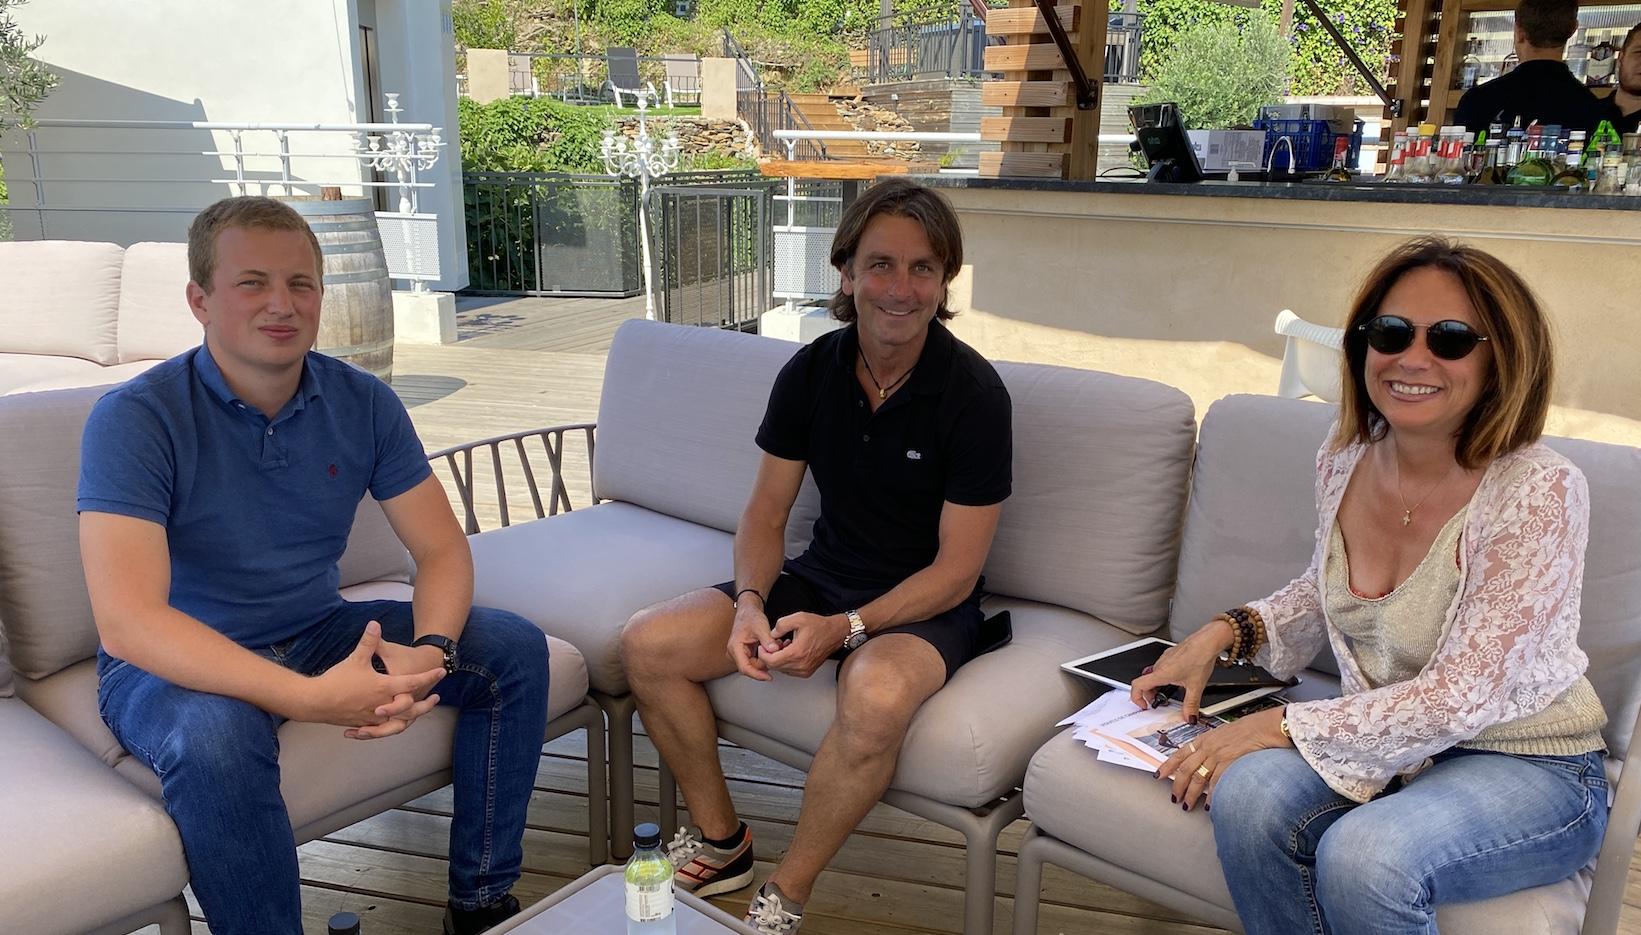 L'Office de tourisme de Bastia offre 15% de réduction sur les hôtels aux locaux